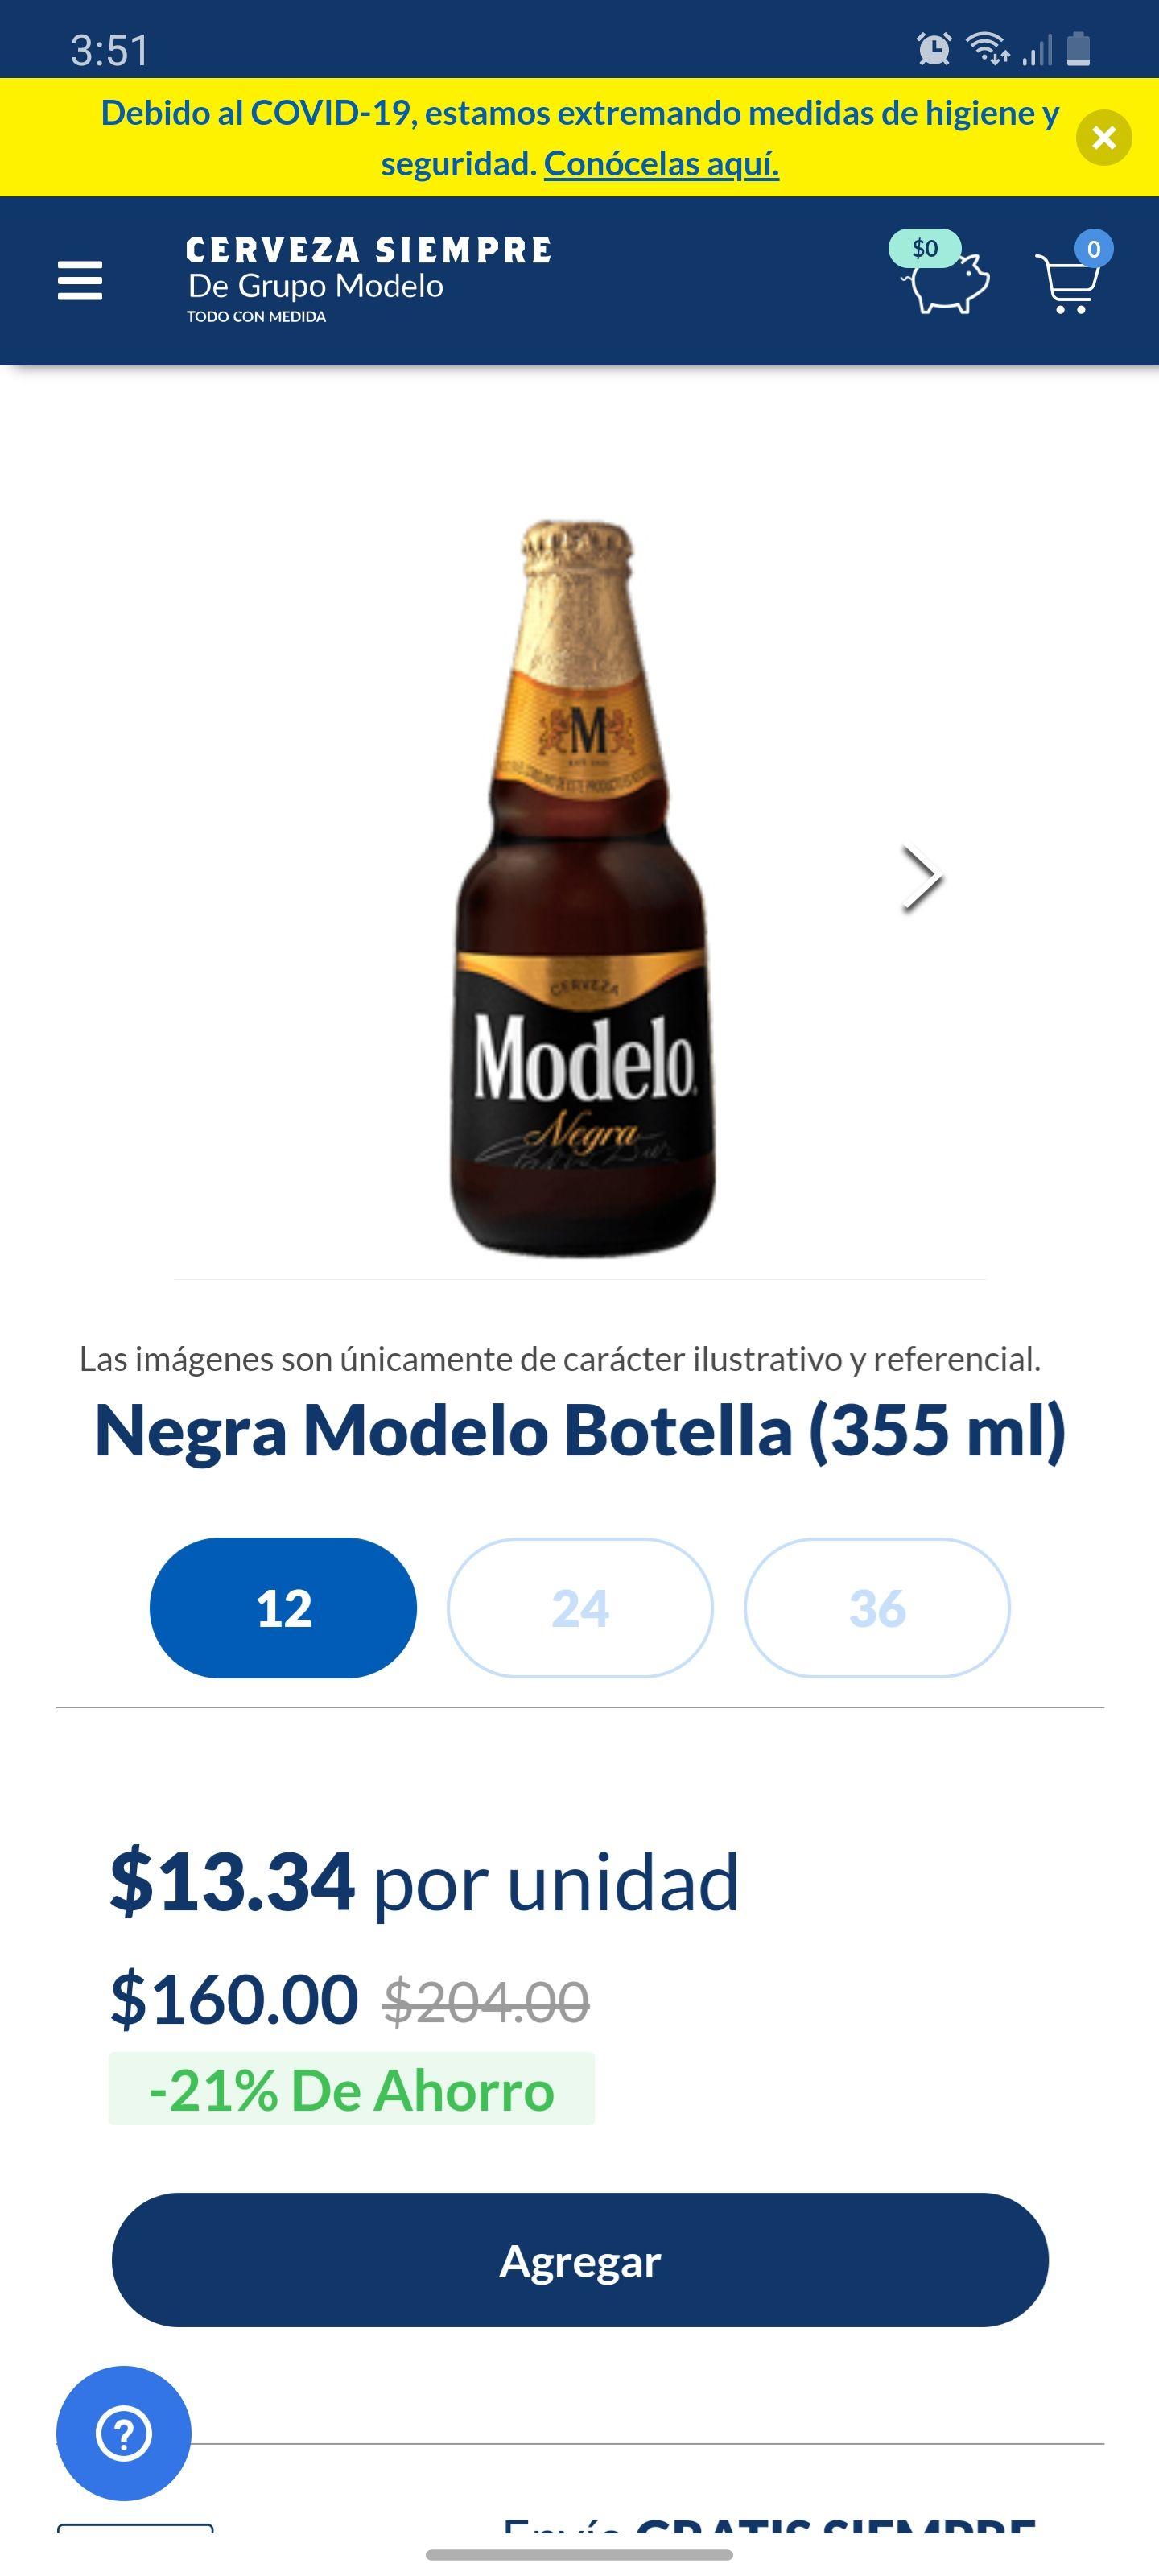 cerveza siempre: 12 de negra modelo